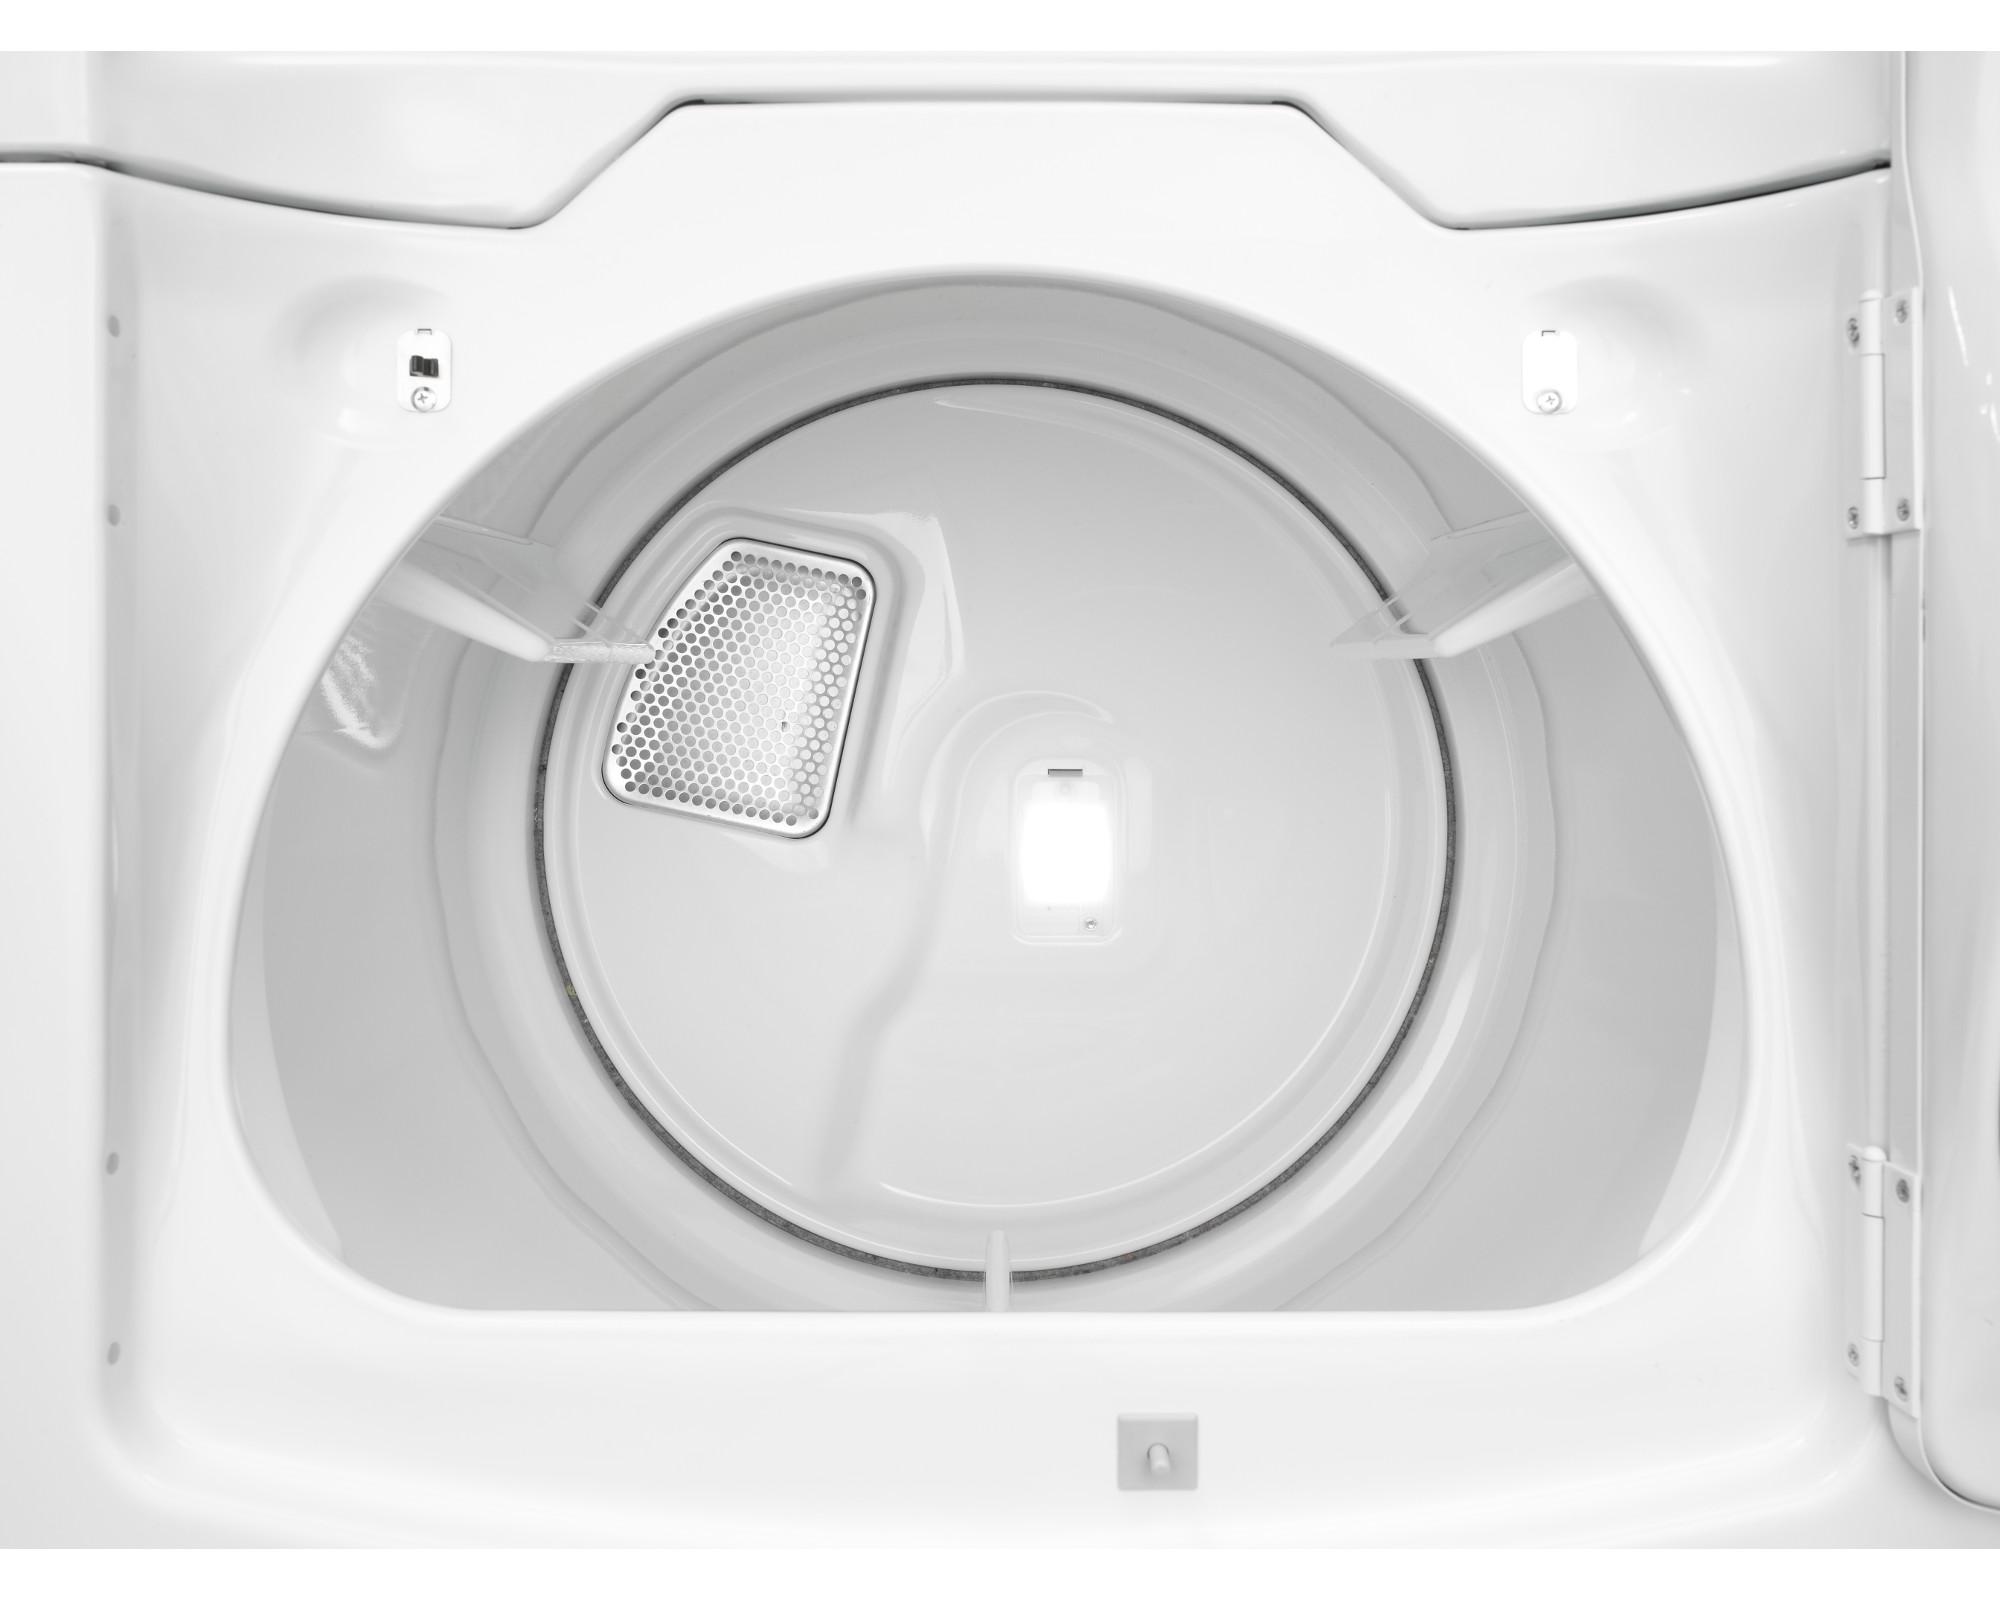 Whirlpool WGD8000DW 8.8 cu. ft. Cabrio® Gas Dryer - White WGD8000DW